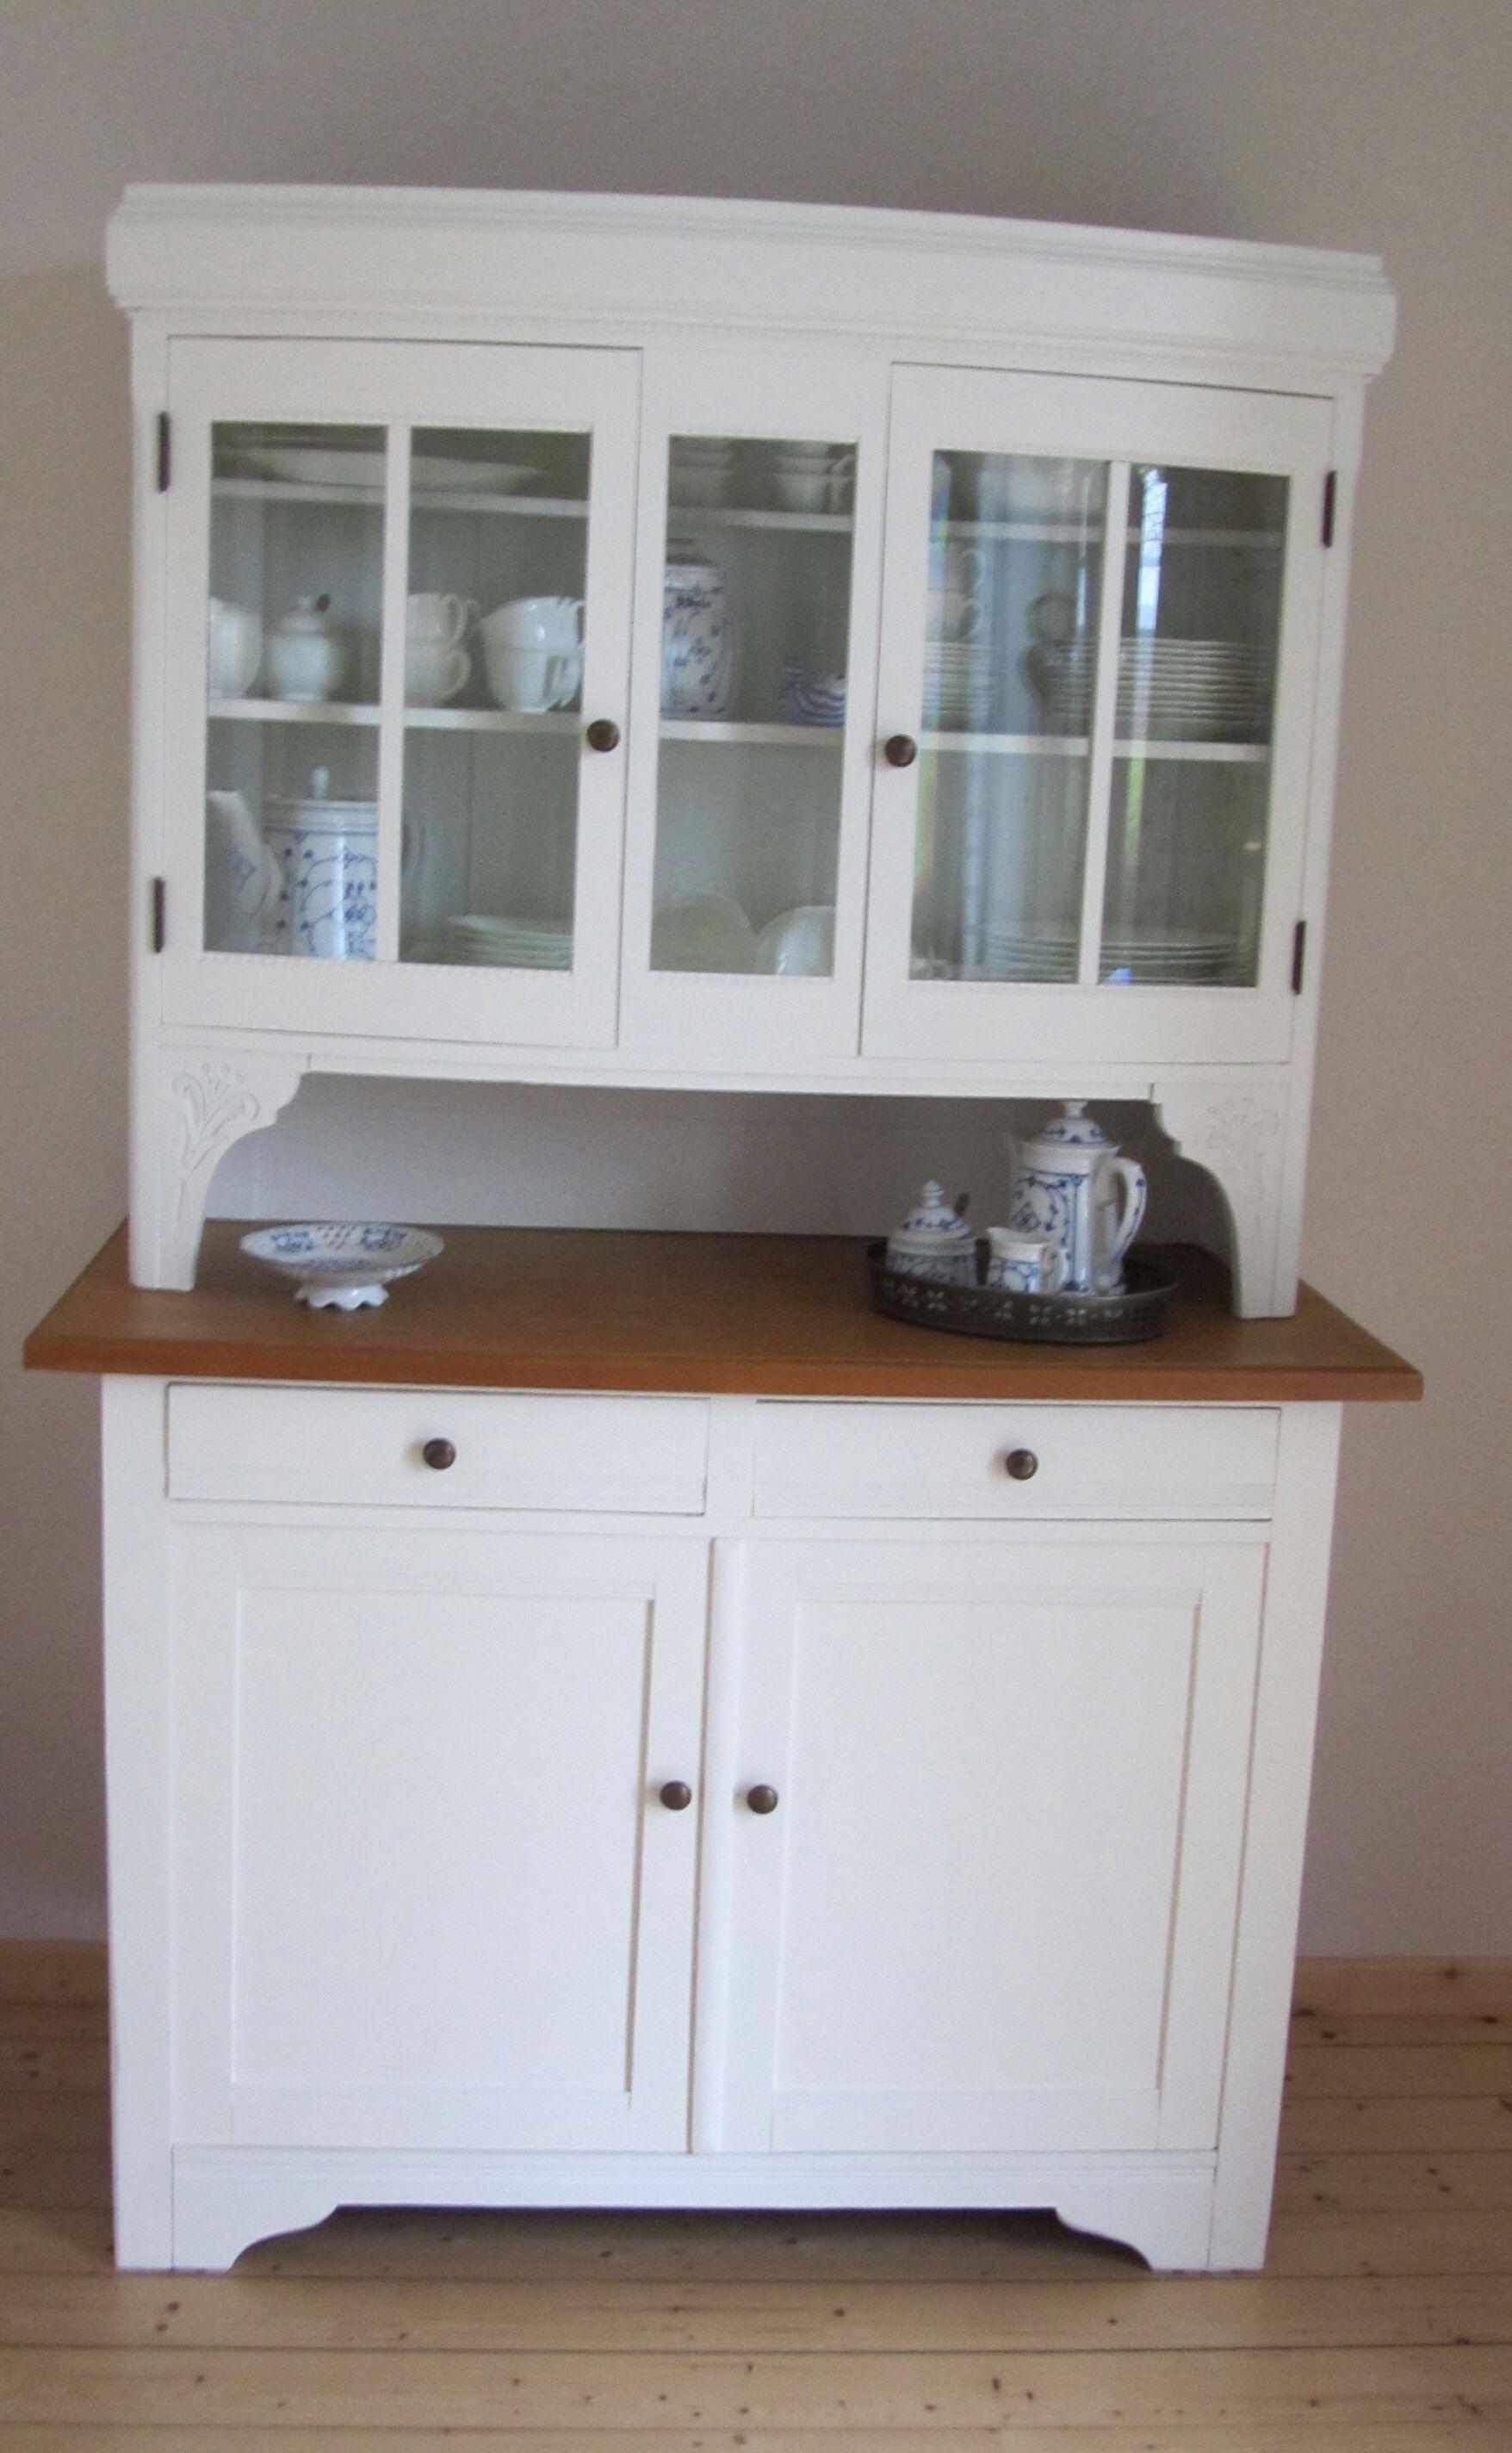 Küchenbuffet Jugendstil Möbel Redesign individuell nach